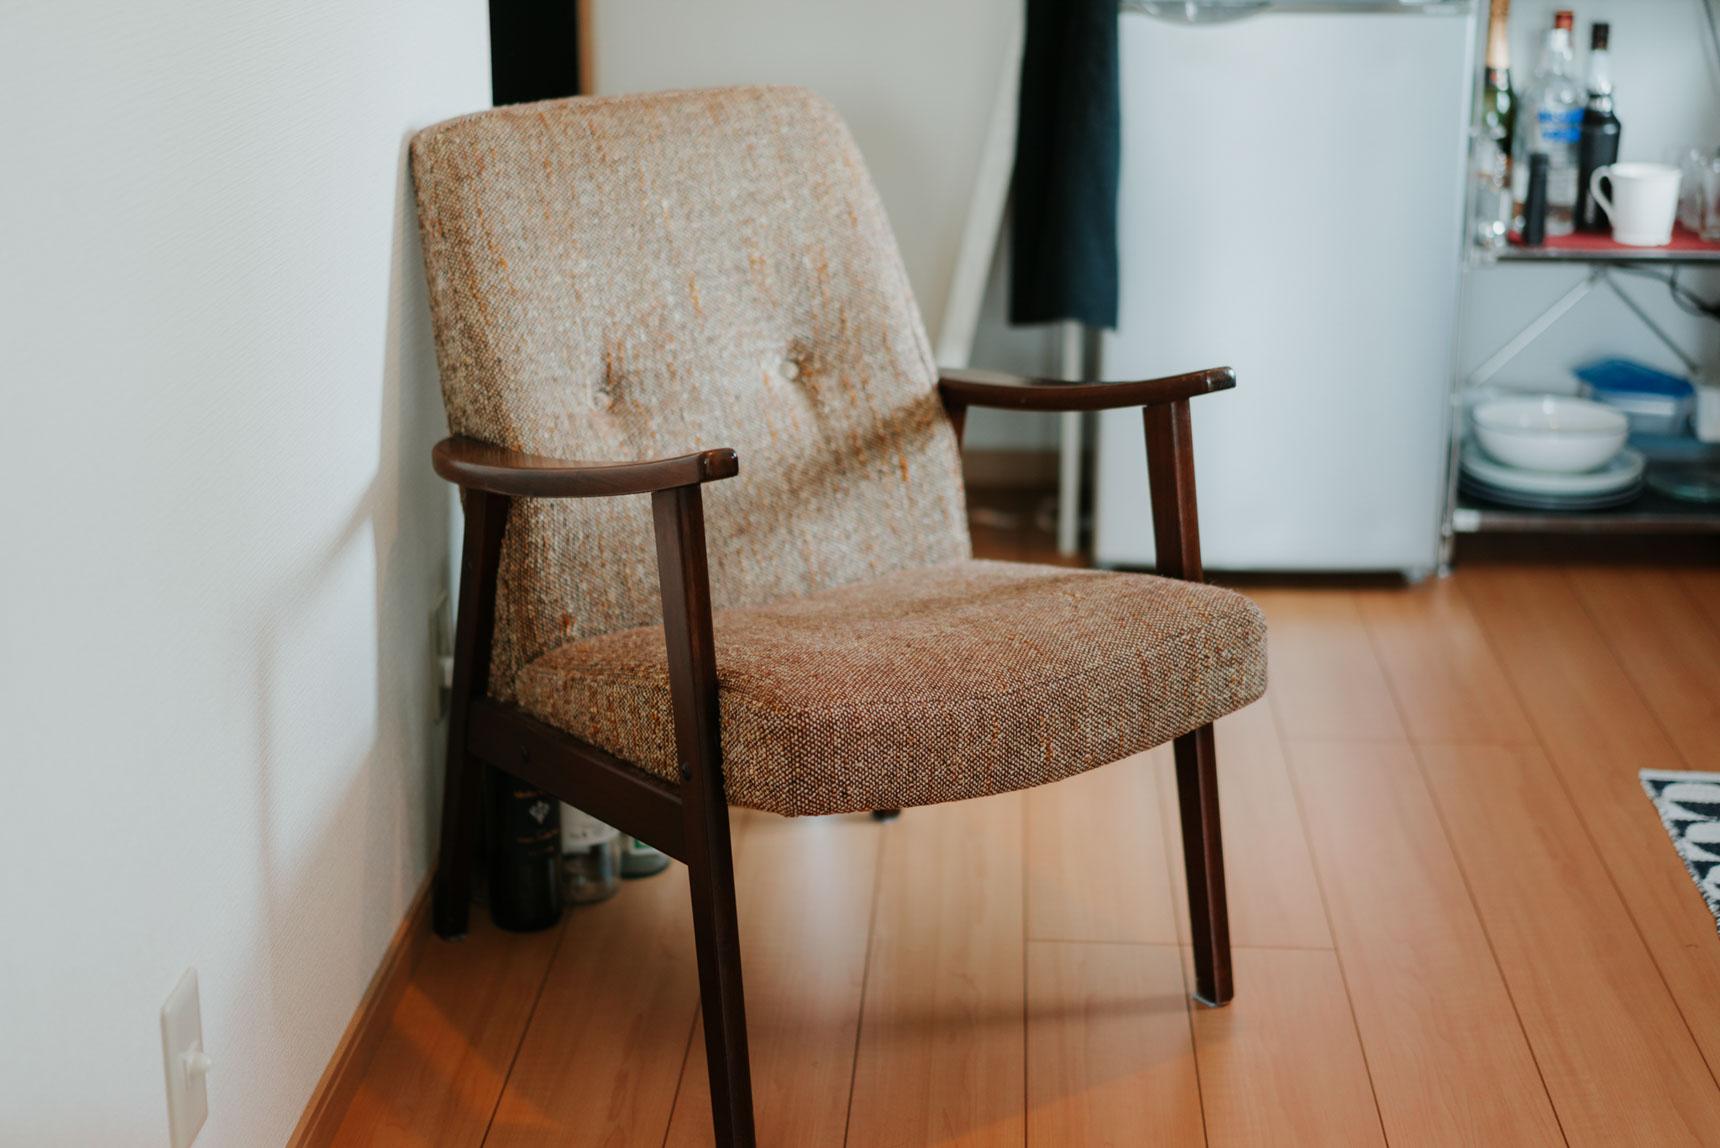 一人暮らしの狭い部屋だとソファが置けない!という方は、ぜひ一脚でも自分に合ったこだわりの椅子を。きっとより居心地のよい部屋に変わるはずです。(このお部屋はこちら)